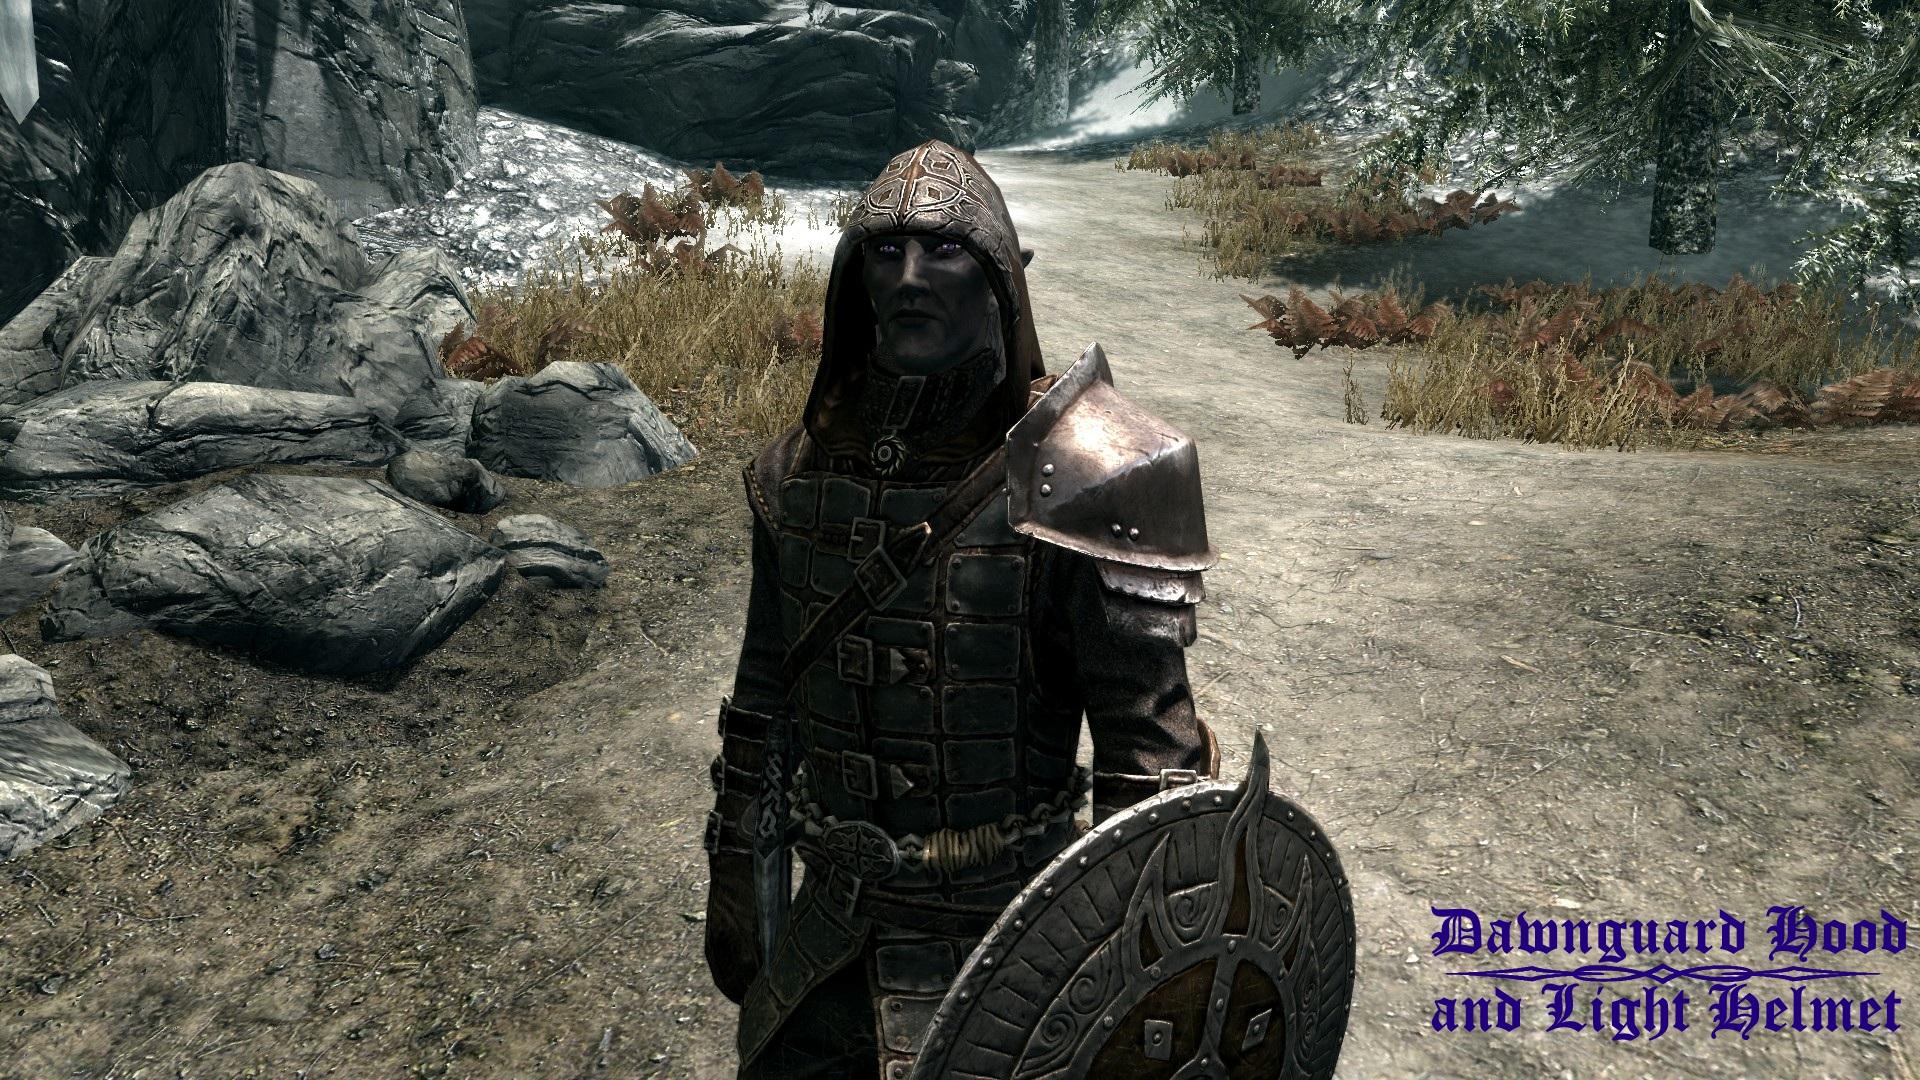 Dawnguard_Hoods_and_Light_Helmet_Replacer.jpg